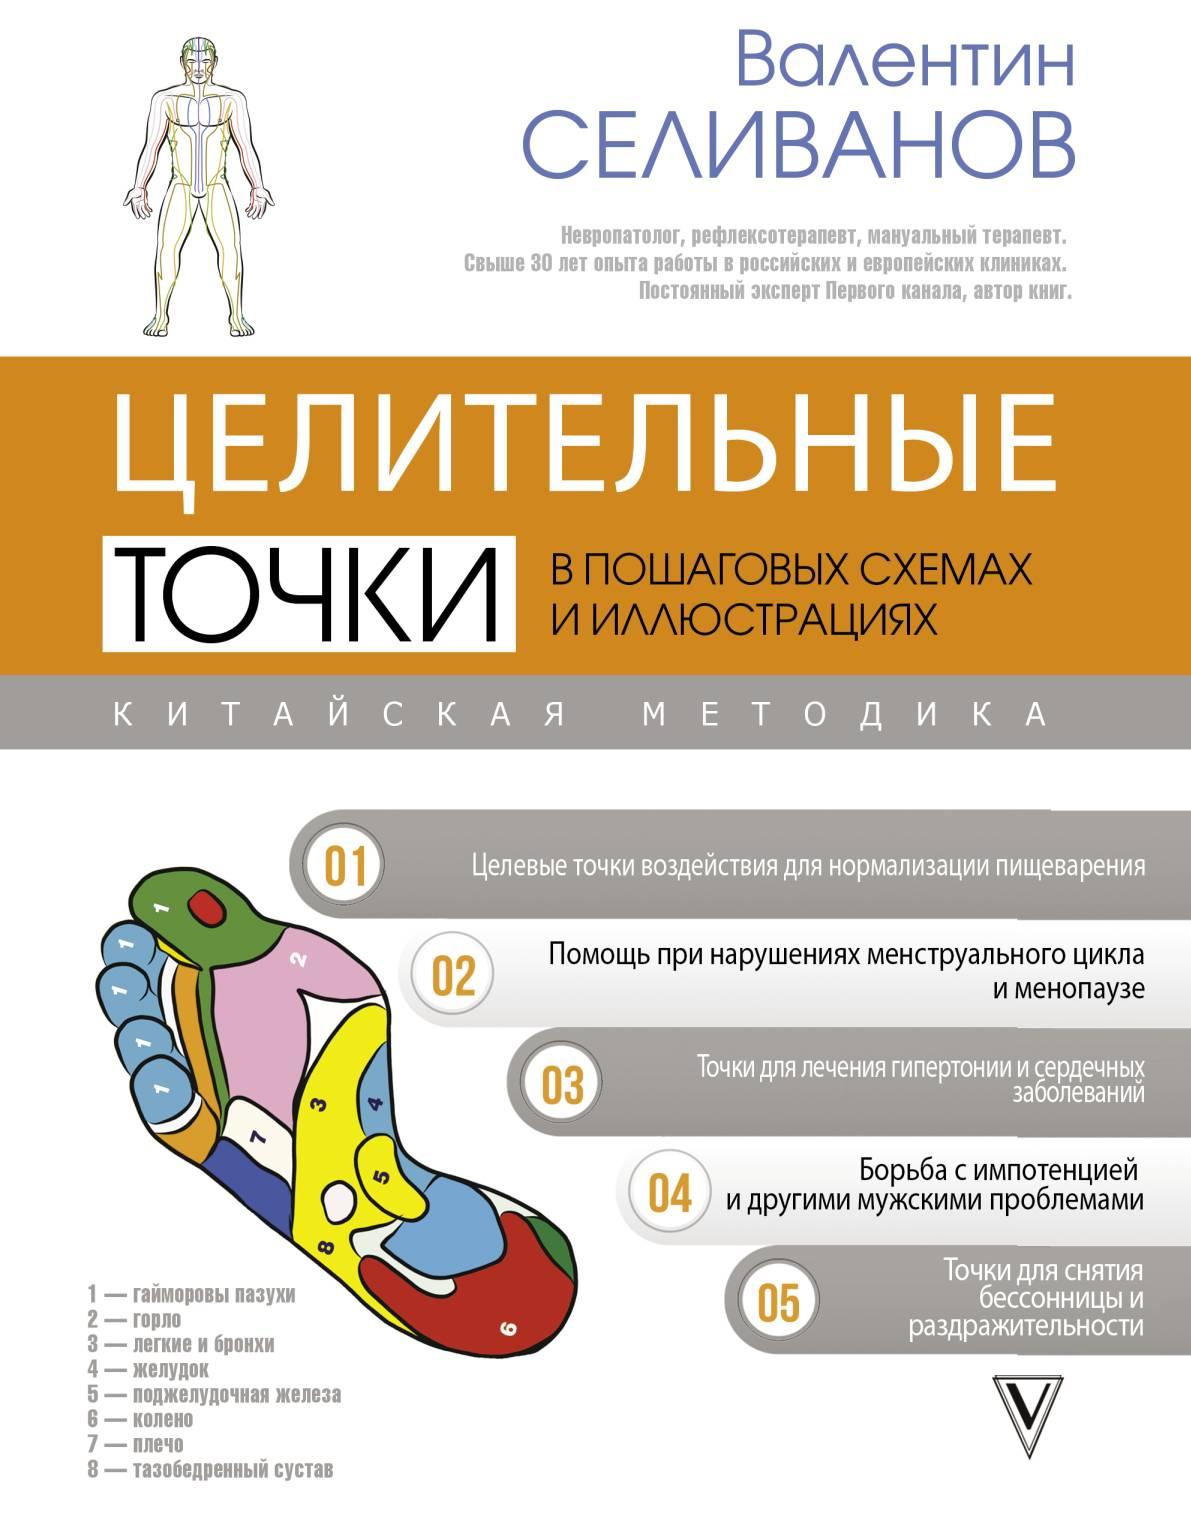 Валентин Селиванов Целительные точки от всех болезней в пошаговых схемах книги издательство аст целительные точки организма косметический и омолаживающий массаж